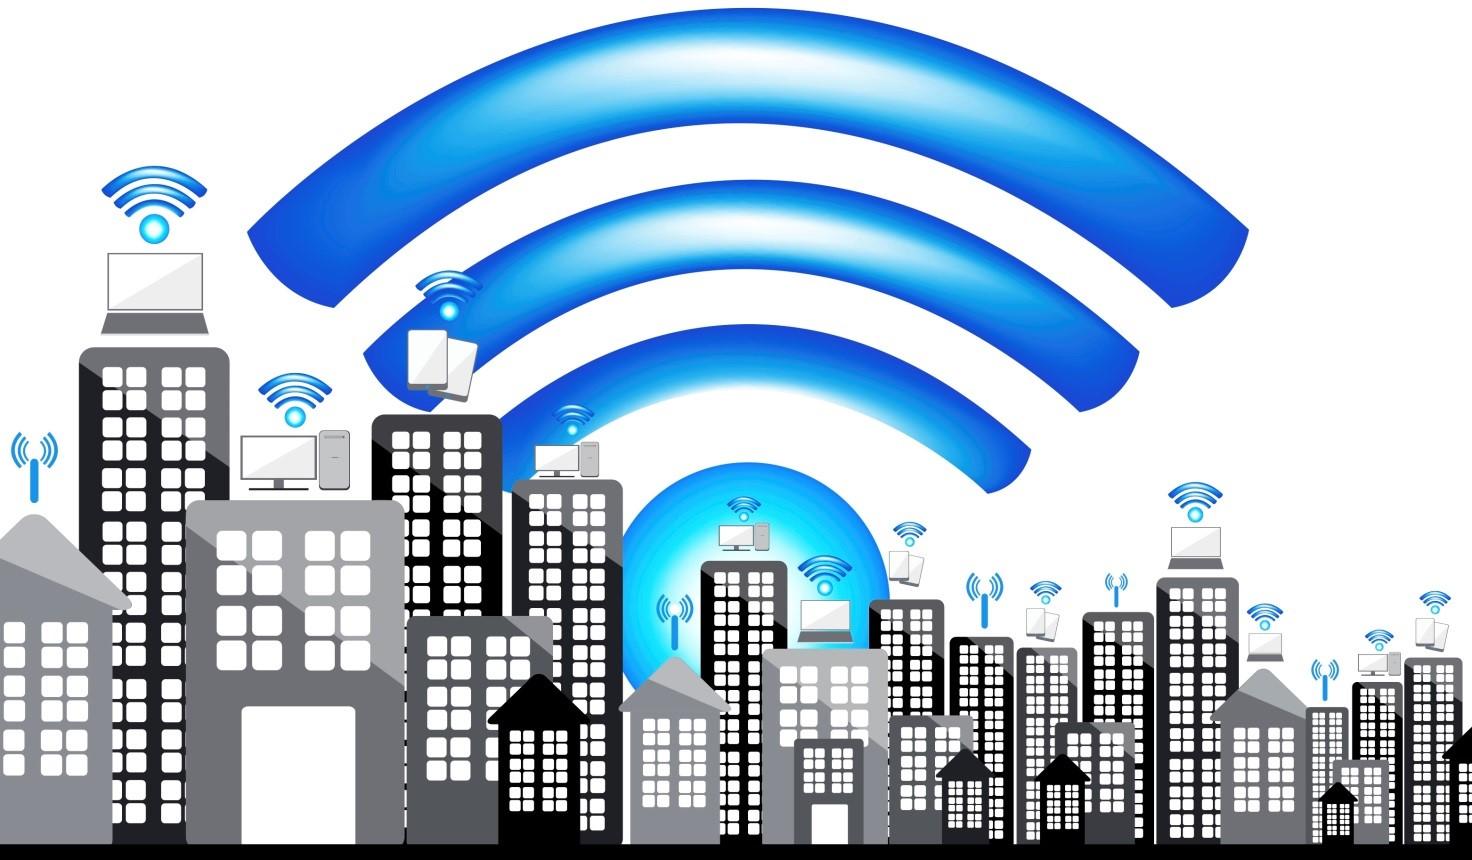 Рис. 3. Доступ к сети осуществляется в крупных городах